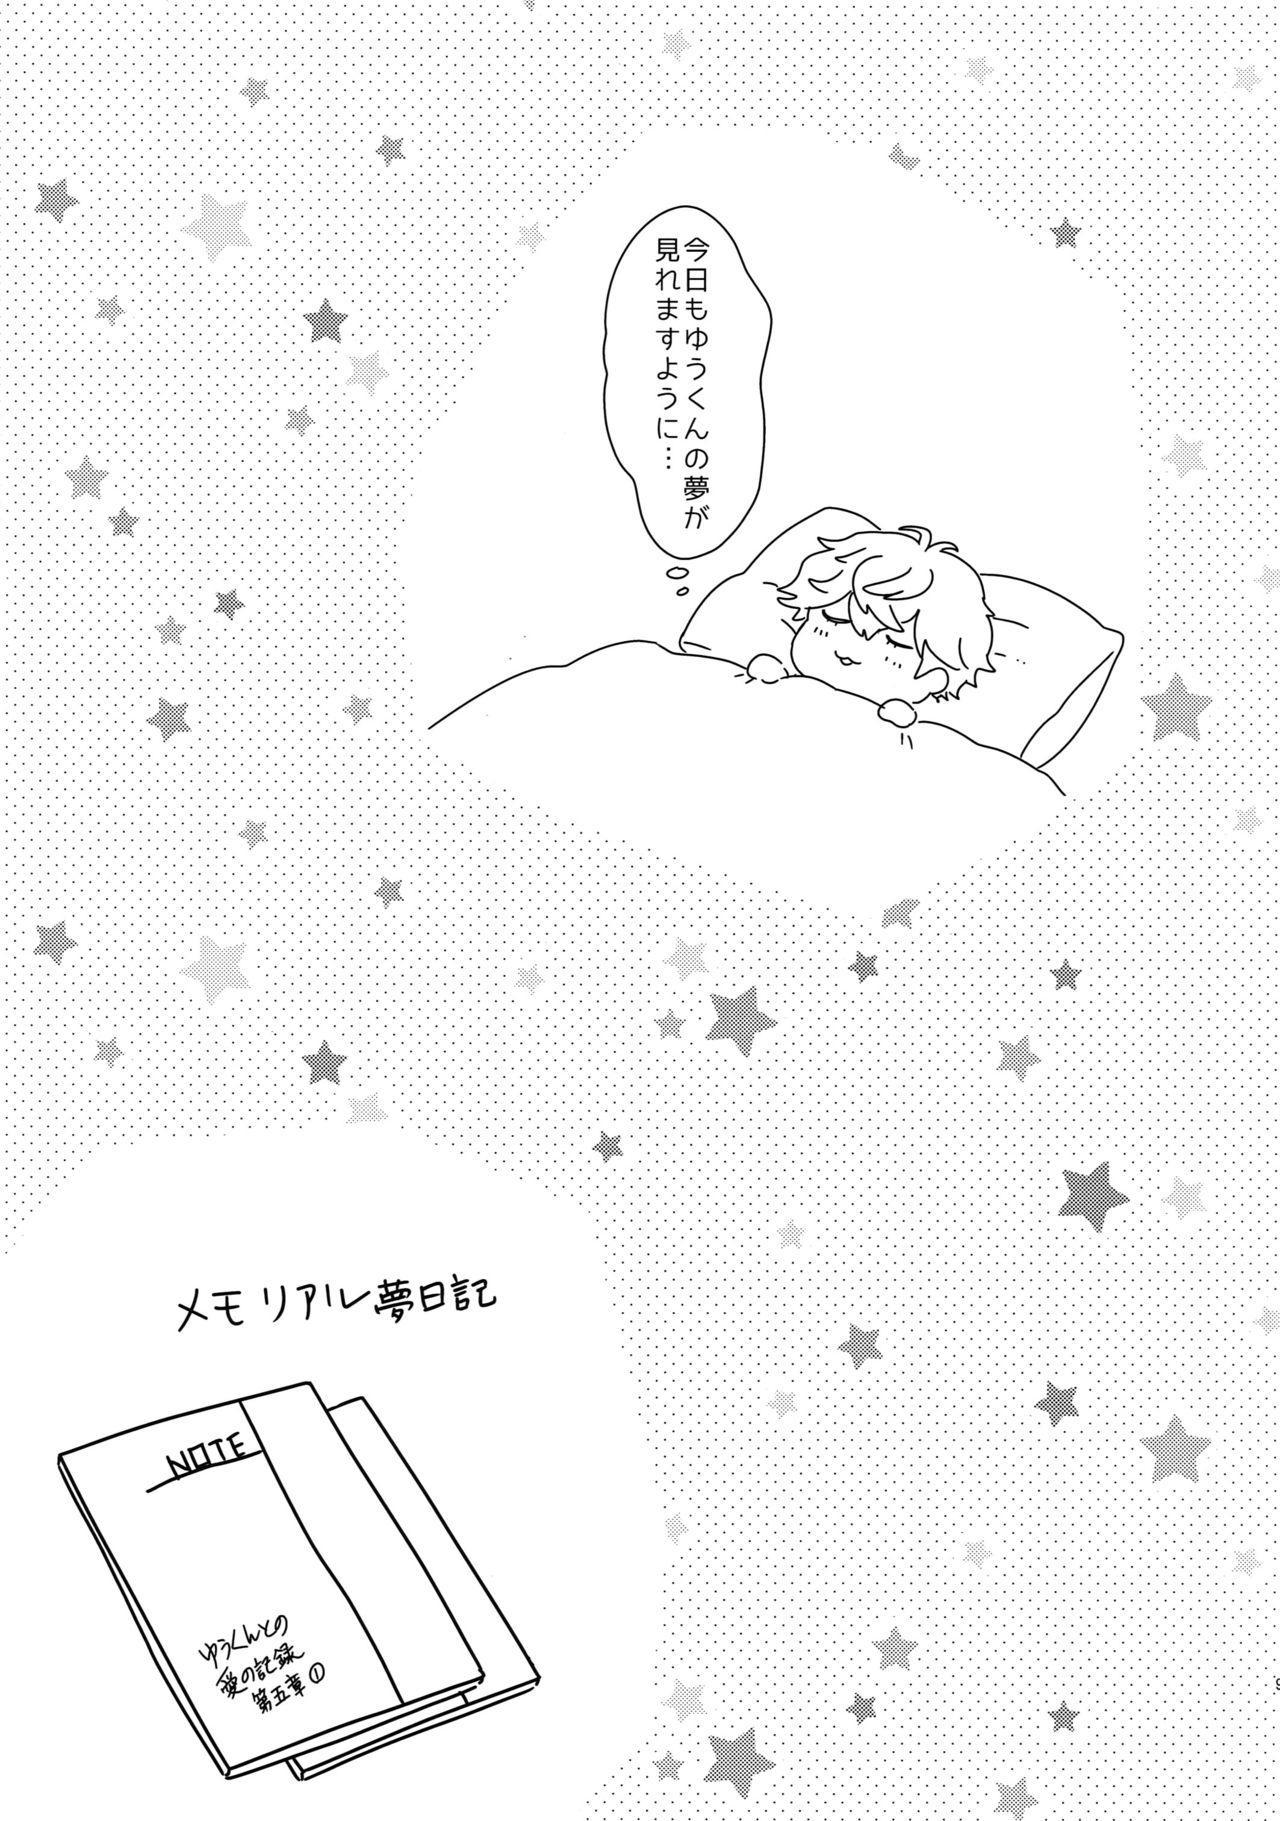 Senaizu to Totemo Yuka ina Naka Matachi 93